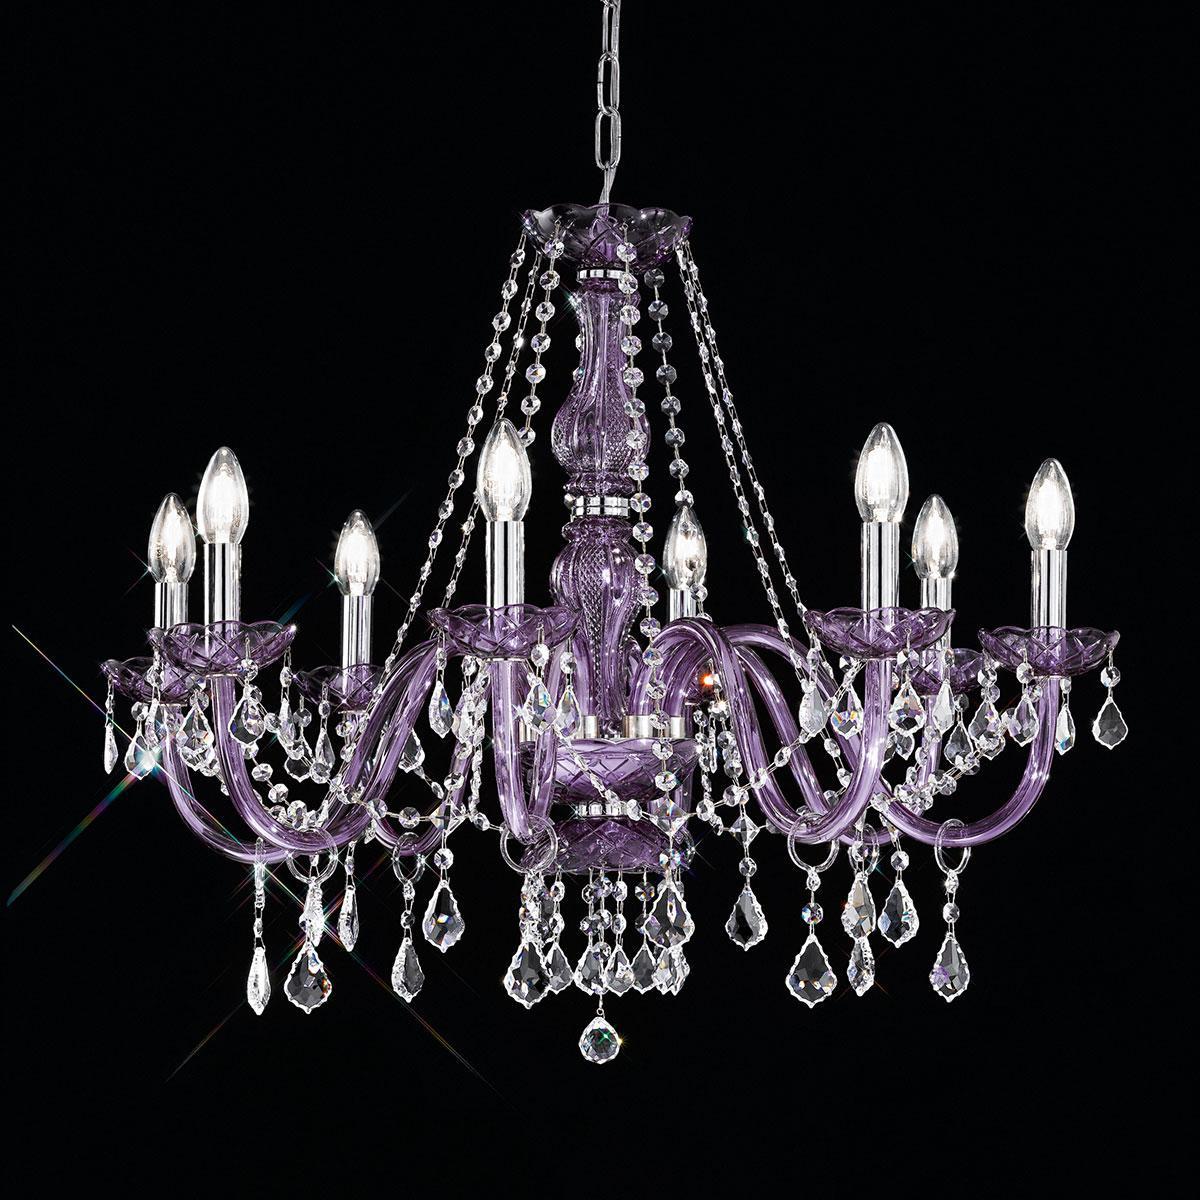 """""""Brindisi"""" venezianischer kristall kronleuchter - 8 flammig - violett"""